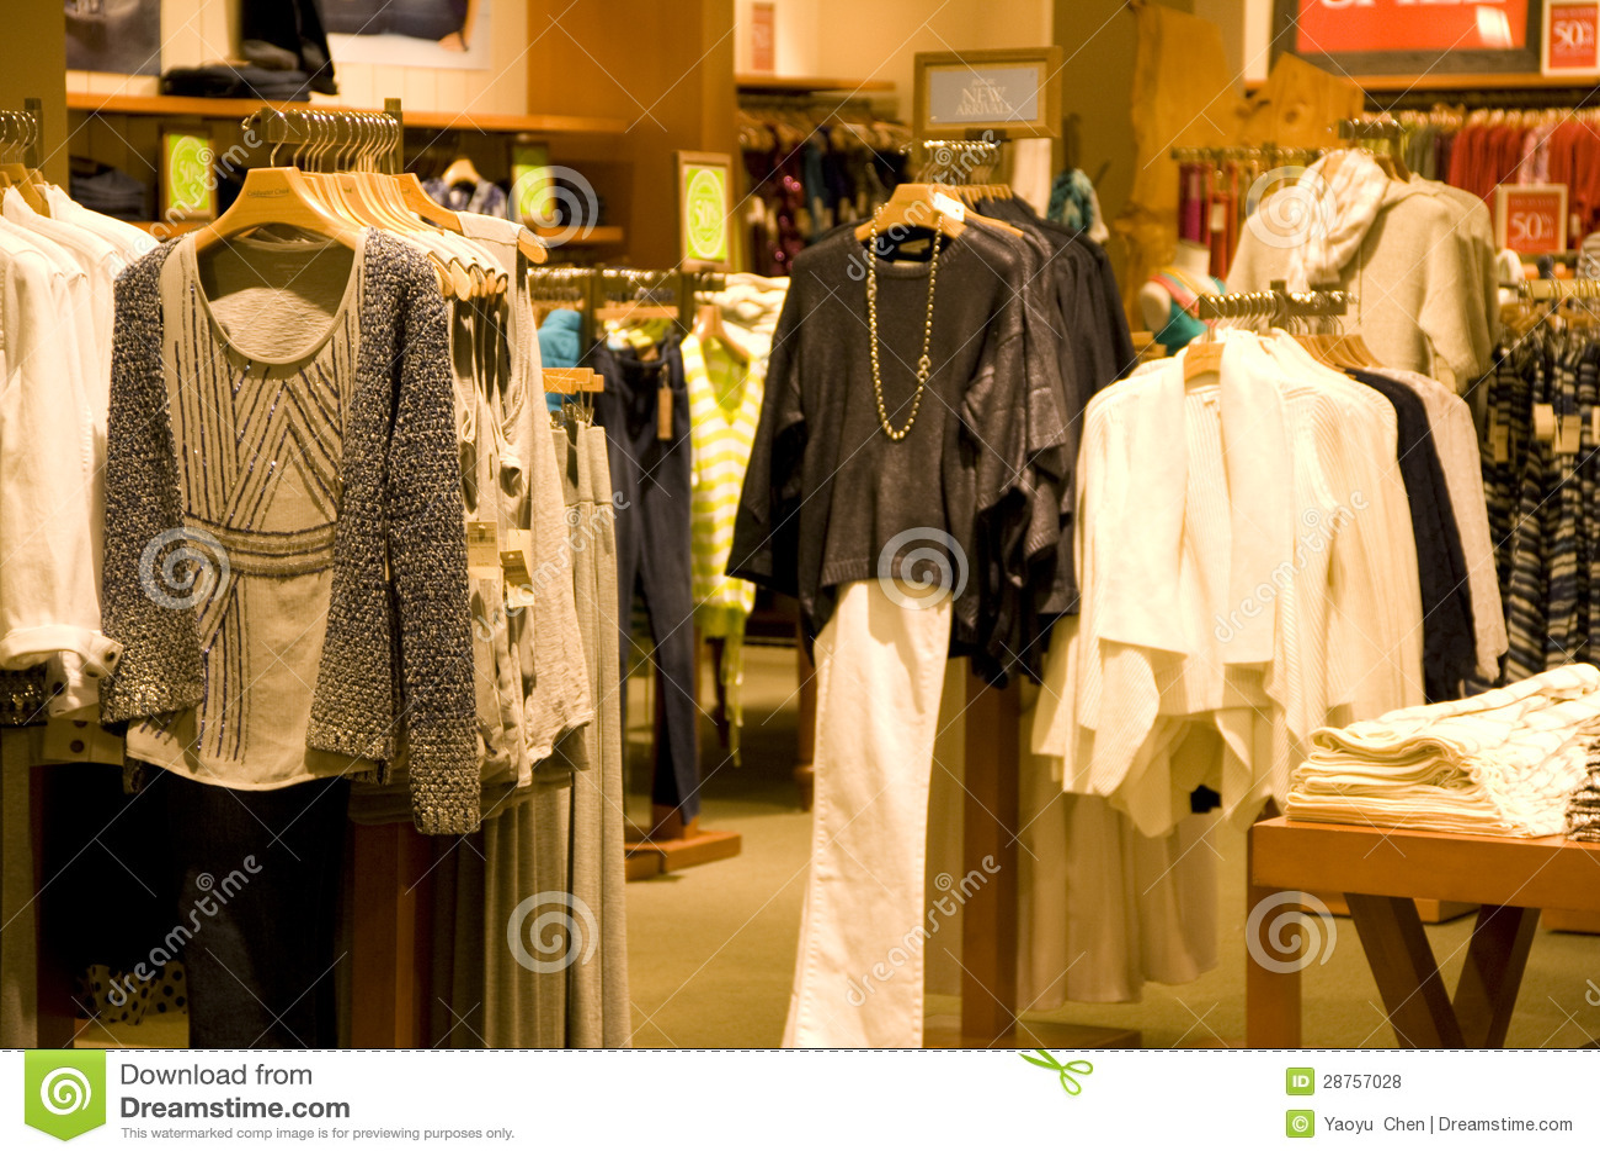 Decorar Tienda De Ropa De Mujer ~   de archivo libres de regal?as Ropa elegante de la mujer en tienda